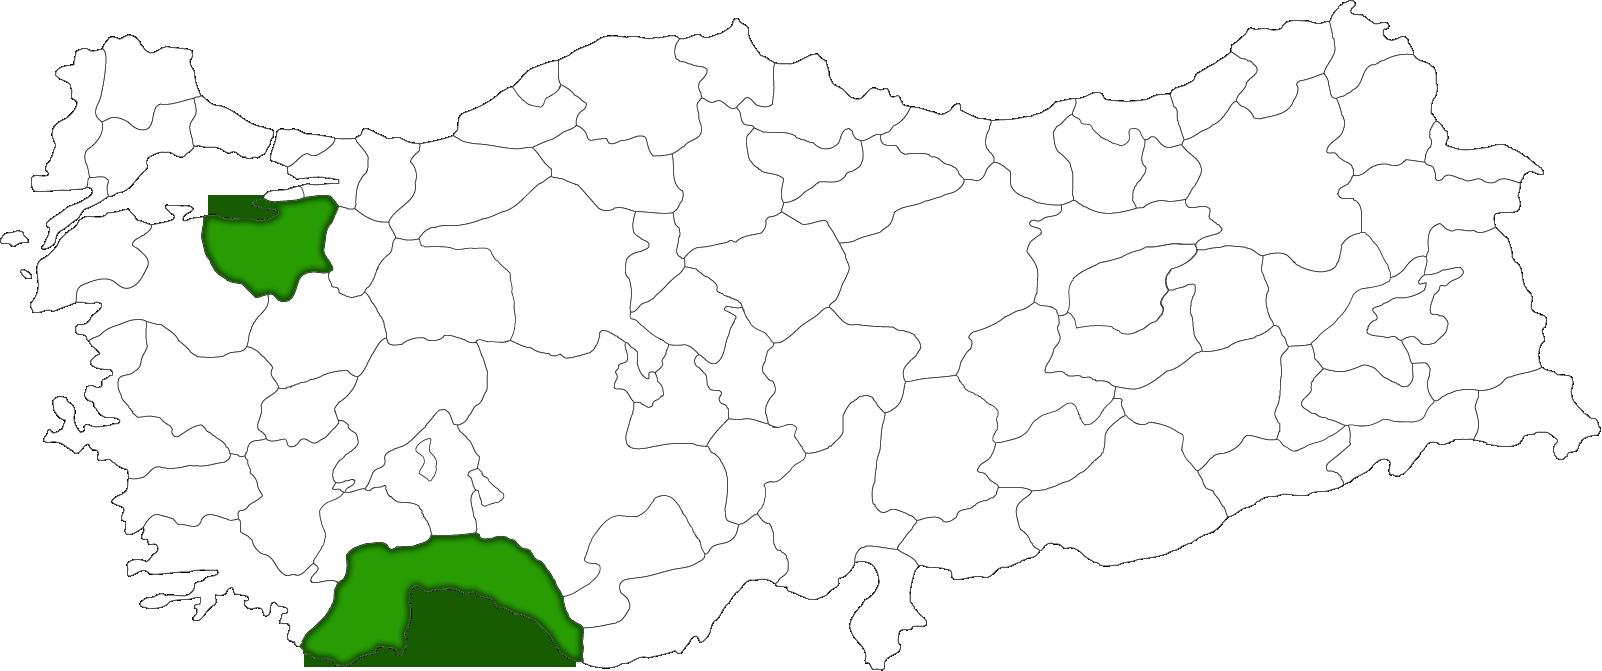 guvenli-parklar-haritasi-r2